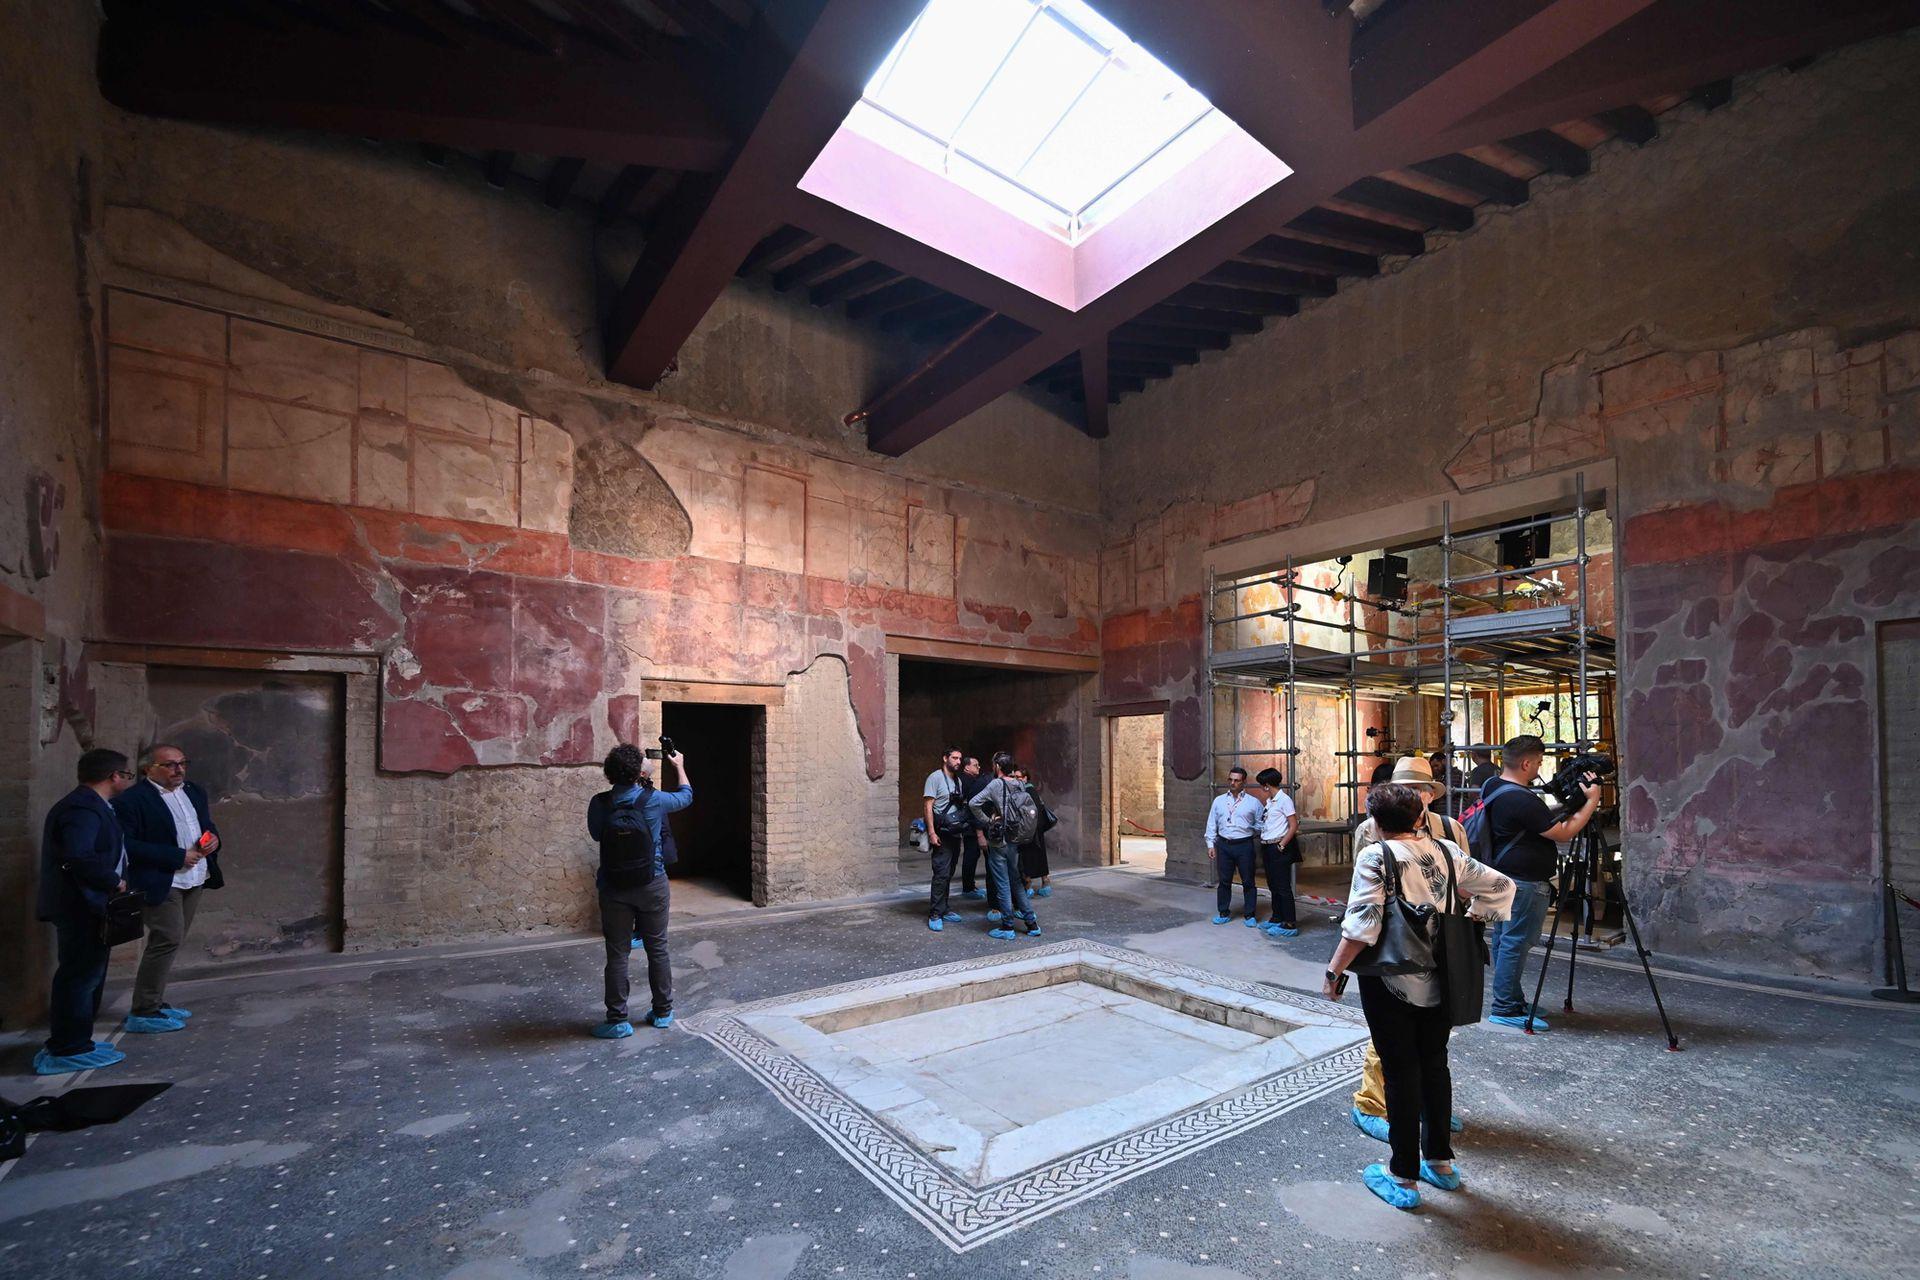 En su interior hay impresionantes frescos, durante la presentación quienes entraron debieron utilizar protección en sus pies para no dañar los pisos de mosaico